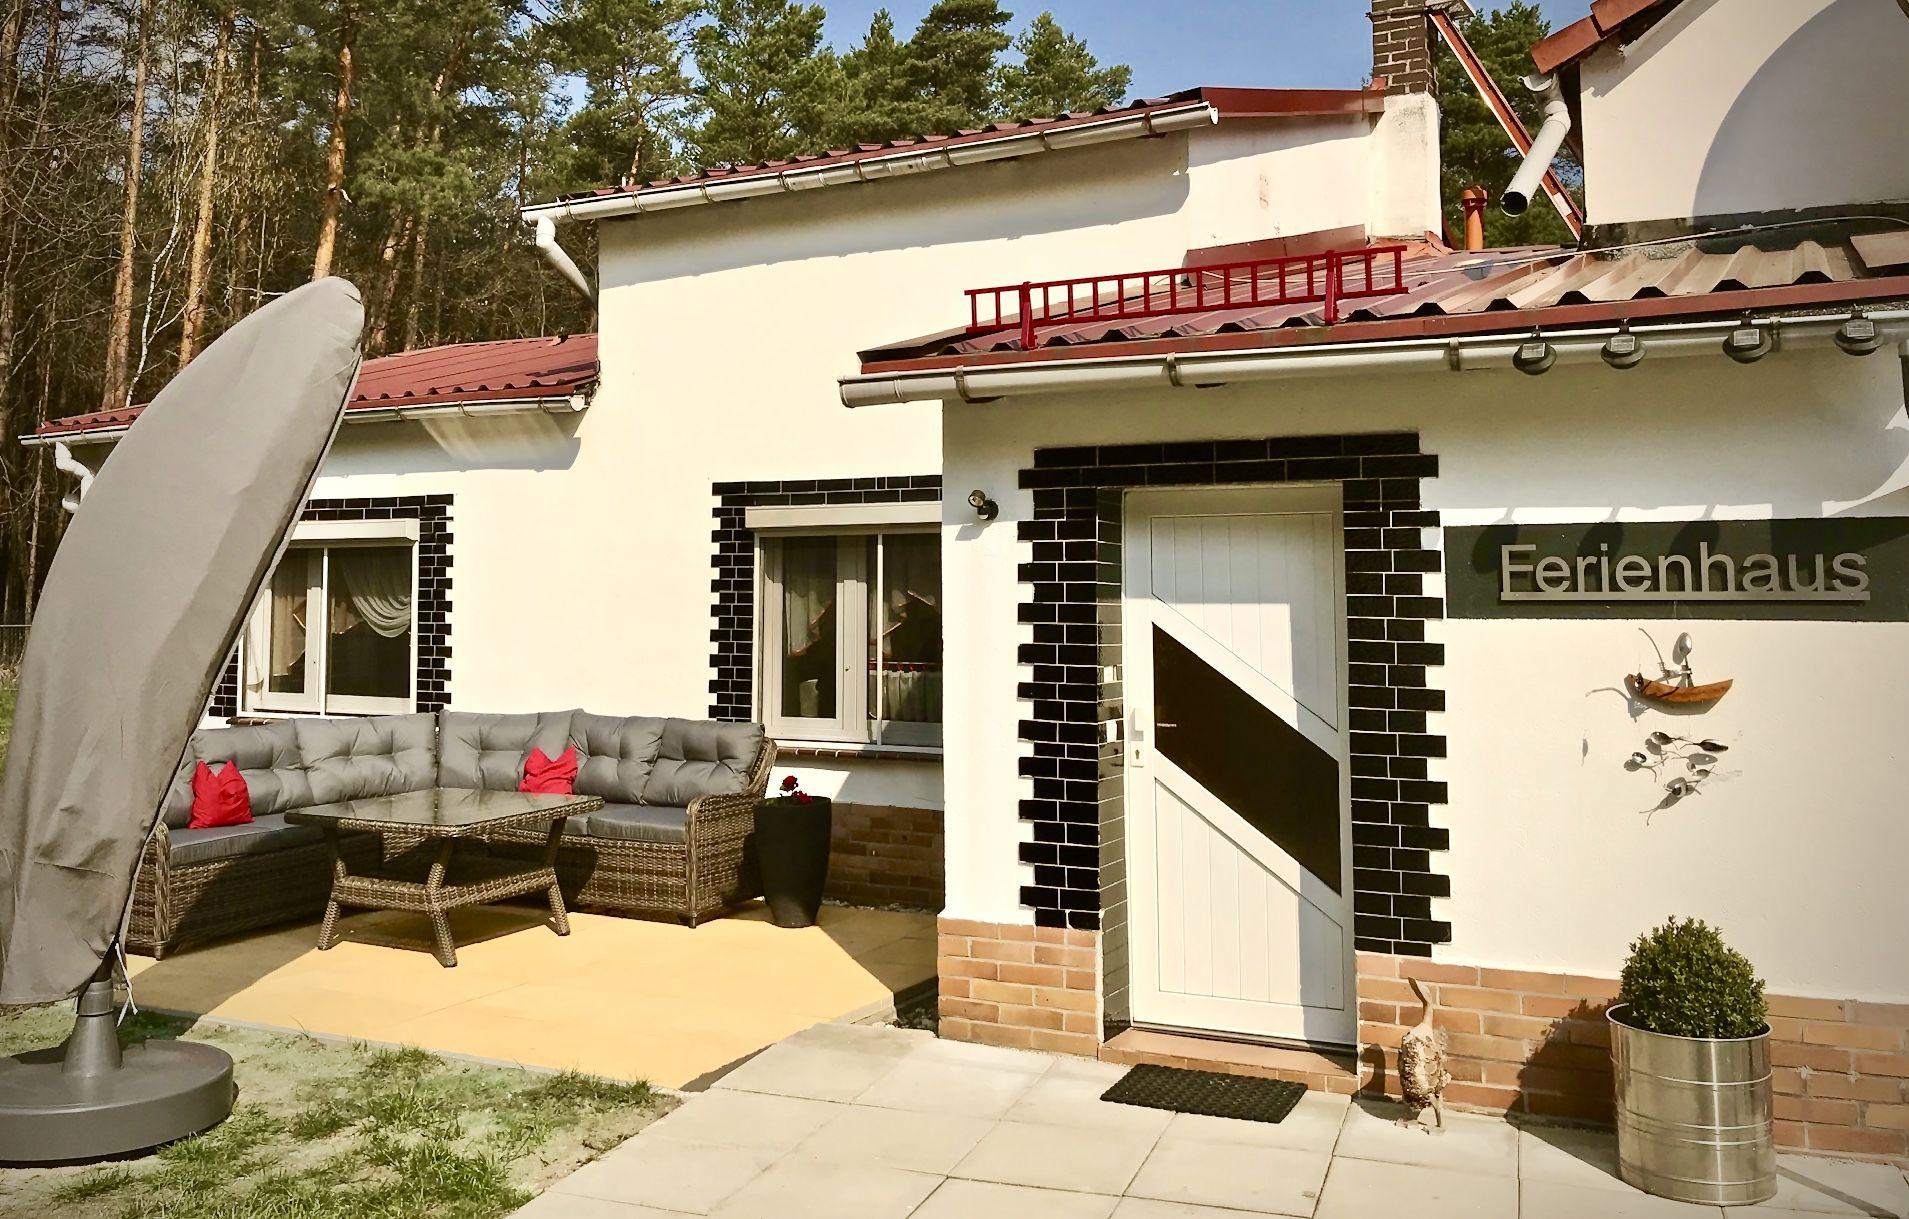 Ferienhaus am Waldsee